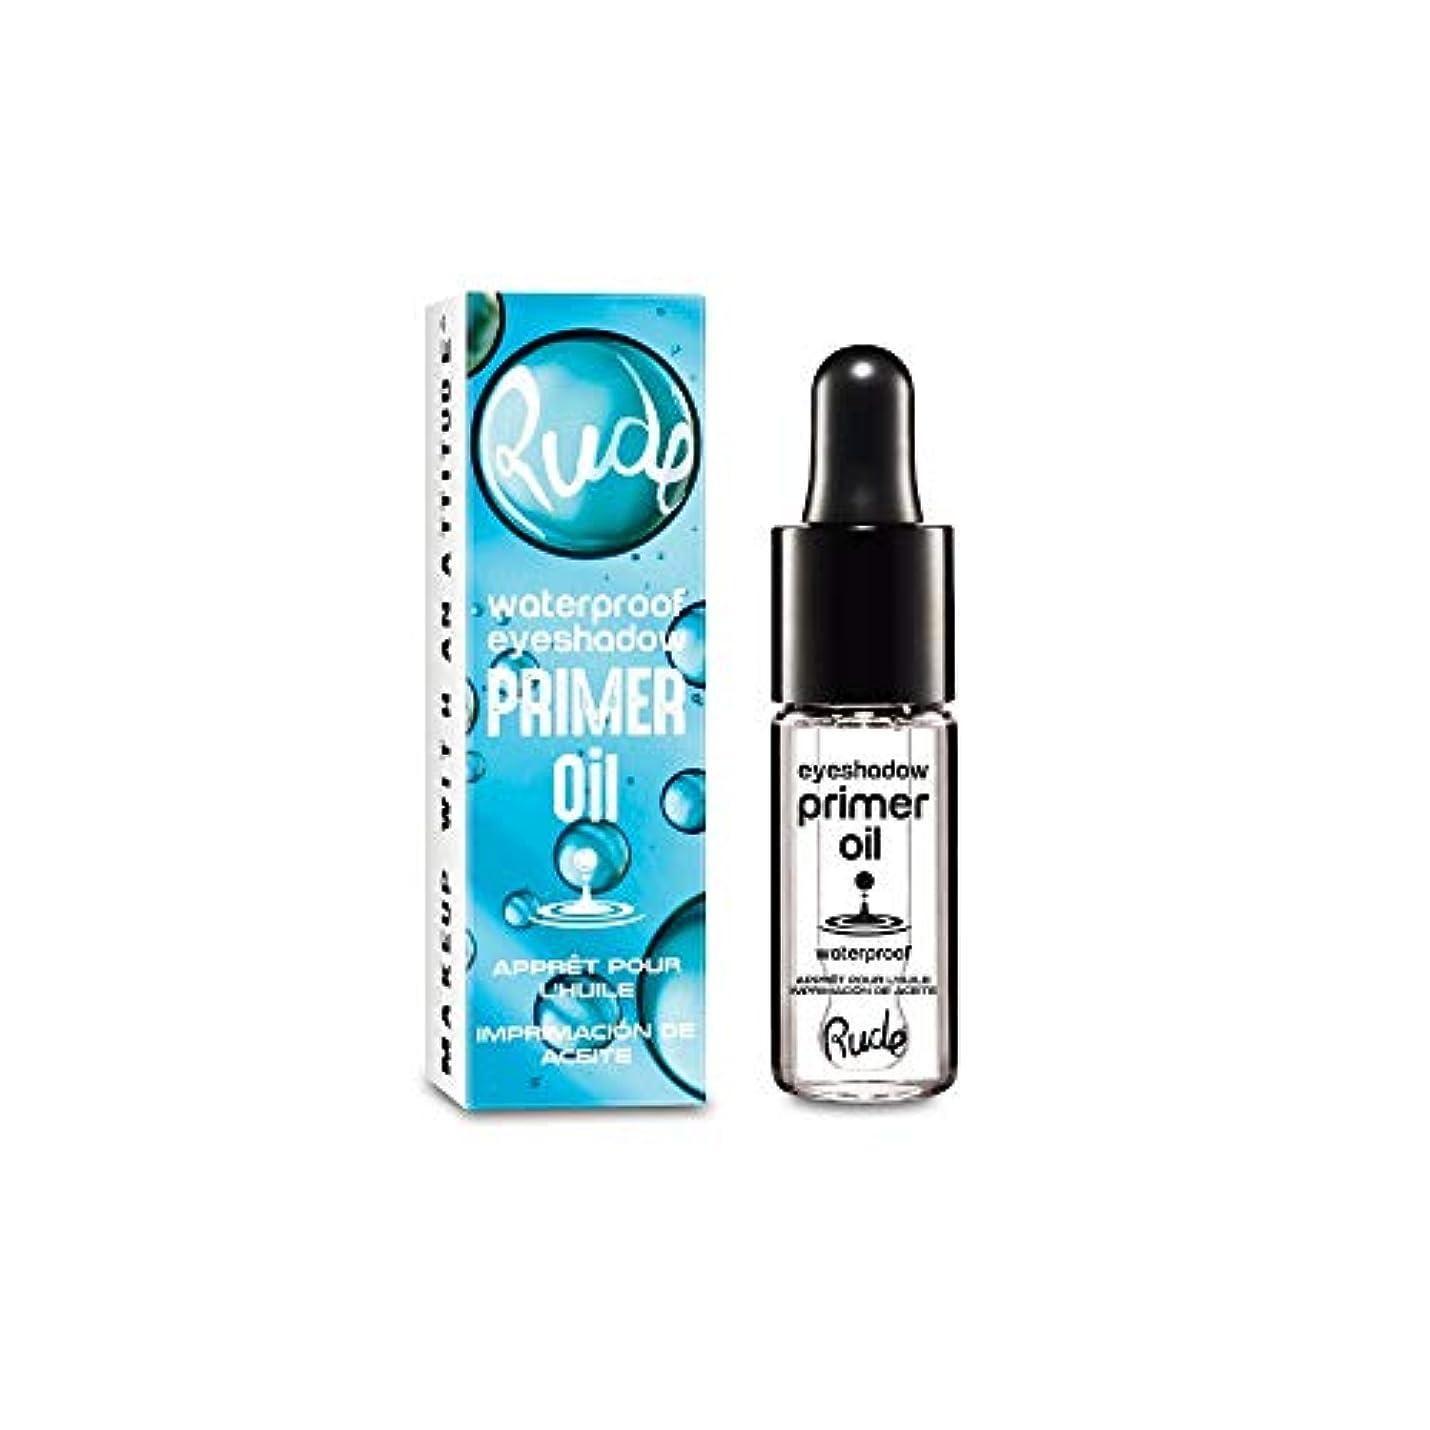 乳製品リフト作ります(3 Pack) RUDE Waterproof Eyeshadow Primer Oil (並行輸入品)